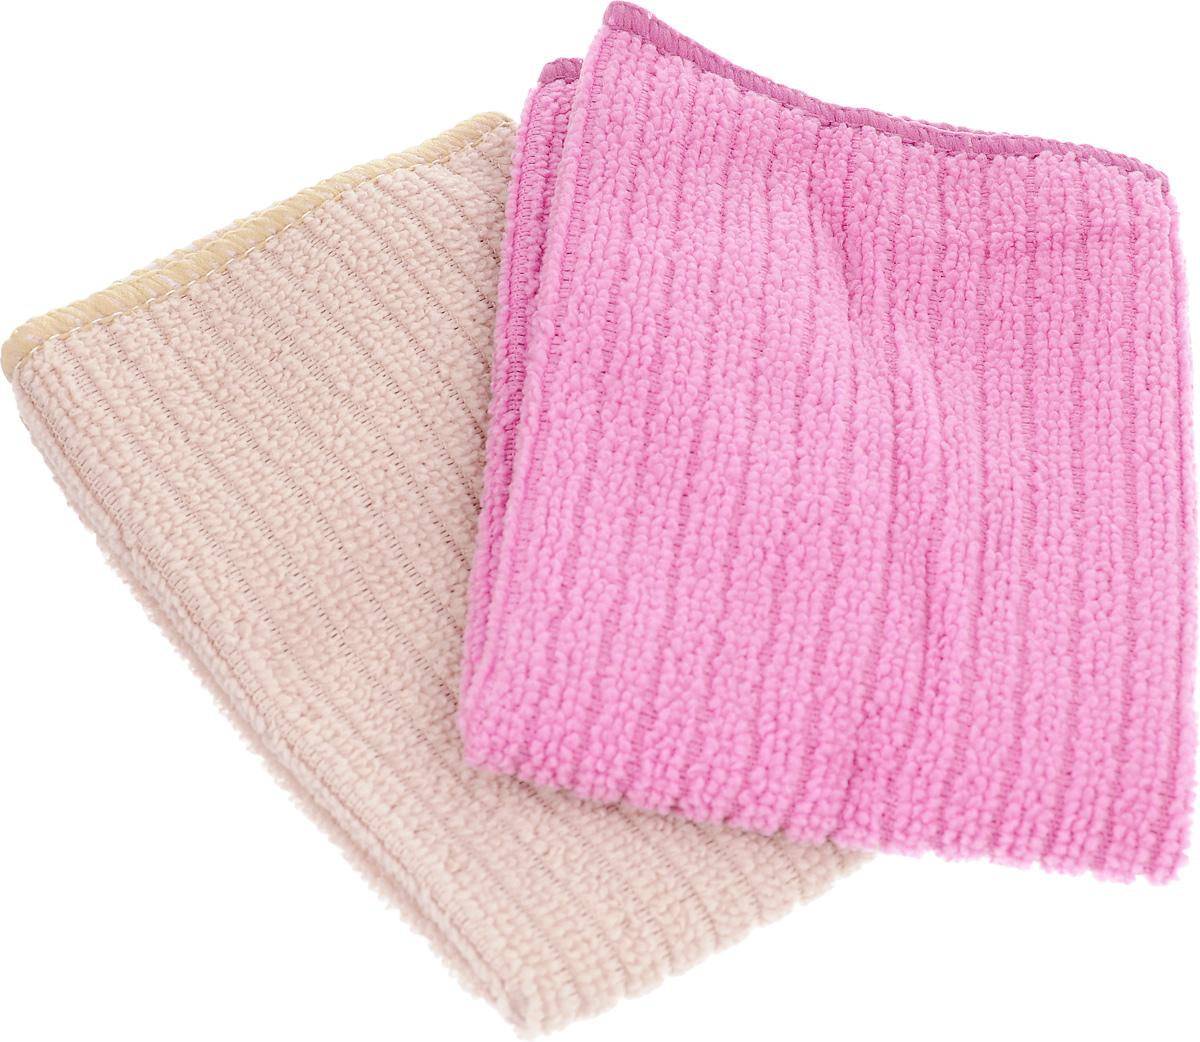 Салфетка из микрофибры Home Queen, цвет: розовый, бежевый, 30 х 30 см, 2 шт531-105Салфетка Home Queen изготовлена из микрофибры. Это великолепная гипоаллергенная ткань, изготовленная из тончайших полимерных микроволокон. Салфетка из микрофибры может поглощать количество пыли и влаги, в 7 раз превышающее ее собственный вес. Многочисленные поры между микроволокнами, благодаря капиллярному эффекту, мгновенно впитывают воду, подобно губке. Благодаря мелким порам микроволокна, любые капельки, остающиеся на чистящей поверхности, очень быстро испаряются, и остается чистая дорожка без полос и разводов. В сухом виде при вытирании поверхности волокна микрофибры электризуются и притягивают к себе микробов, мельчайшие частицы пыли и грязи, удерживая их в своих микропорах.